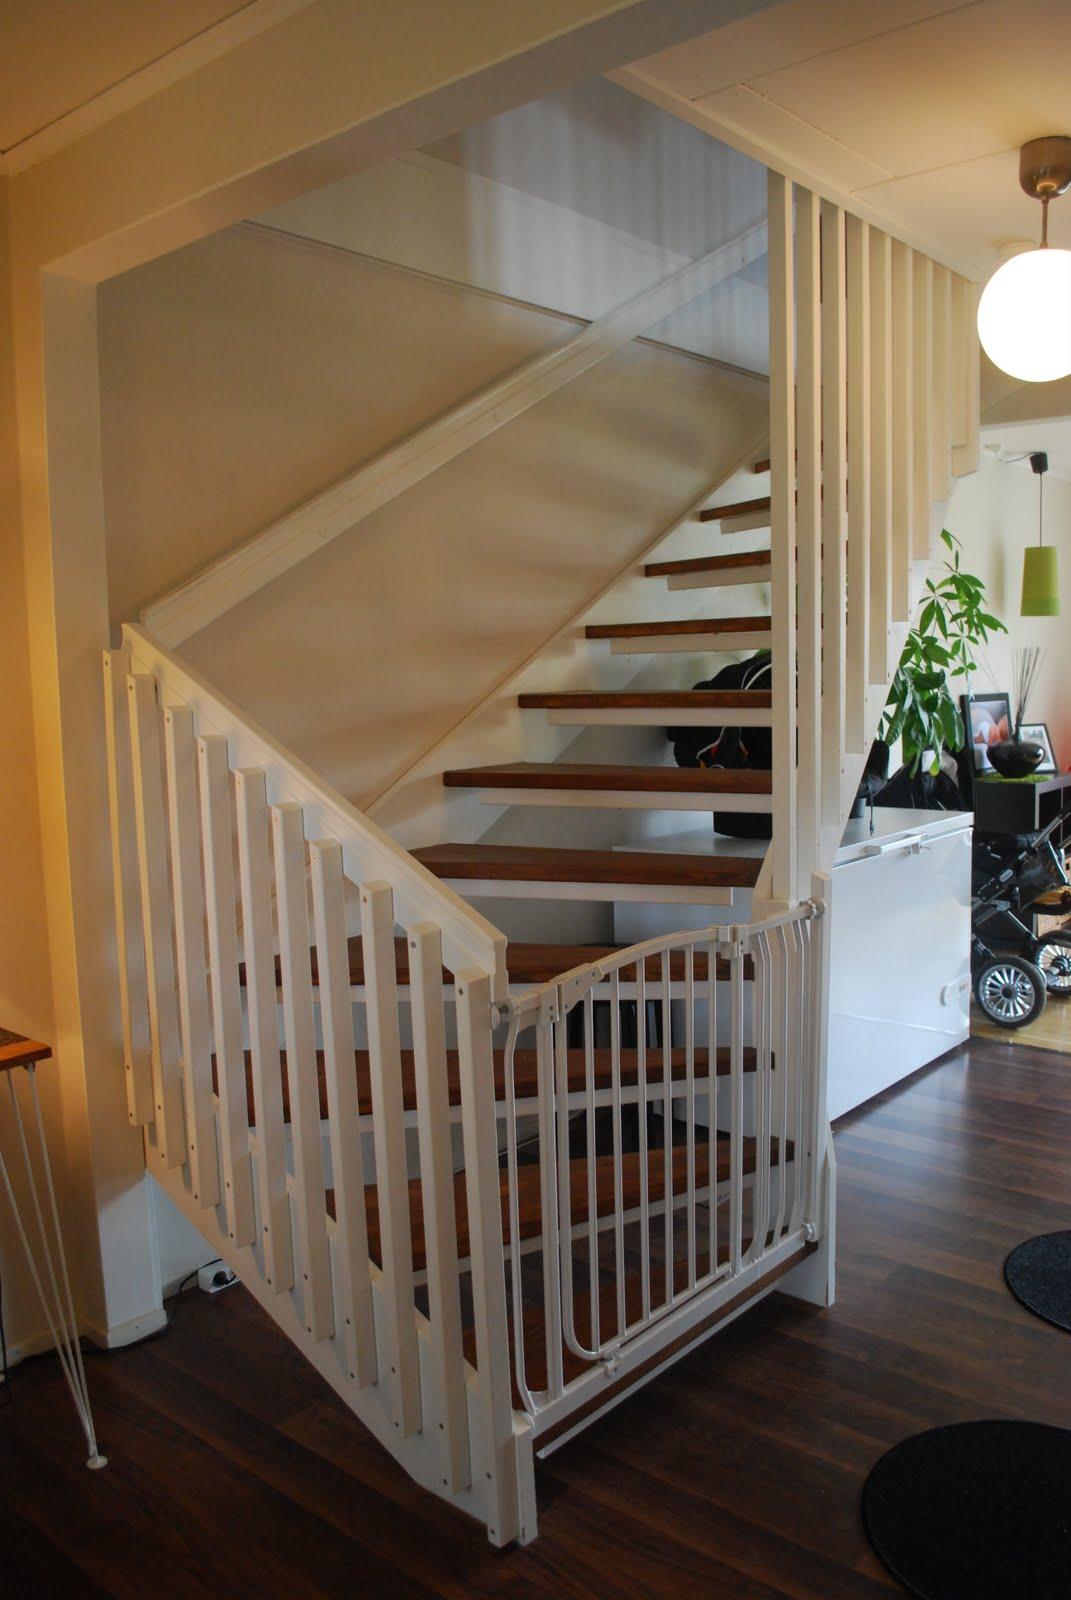 Hanna   vardag på södra maranvägen: barnsäkrat trappen